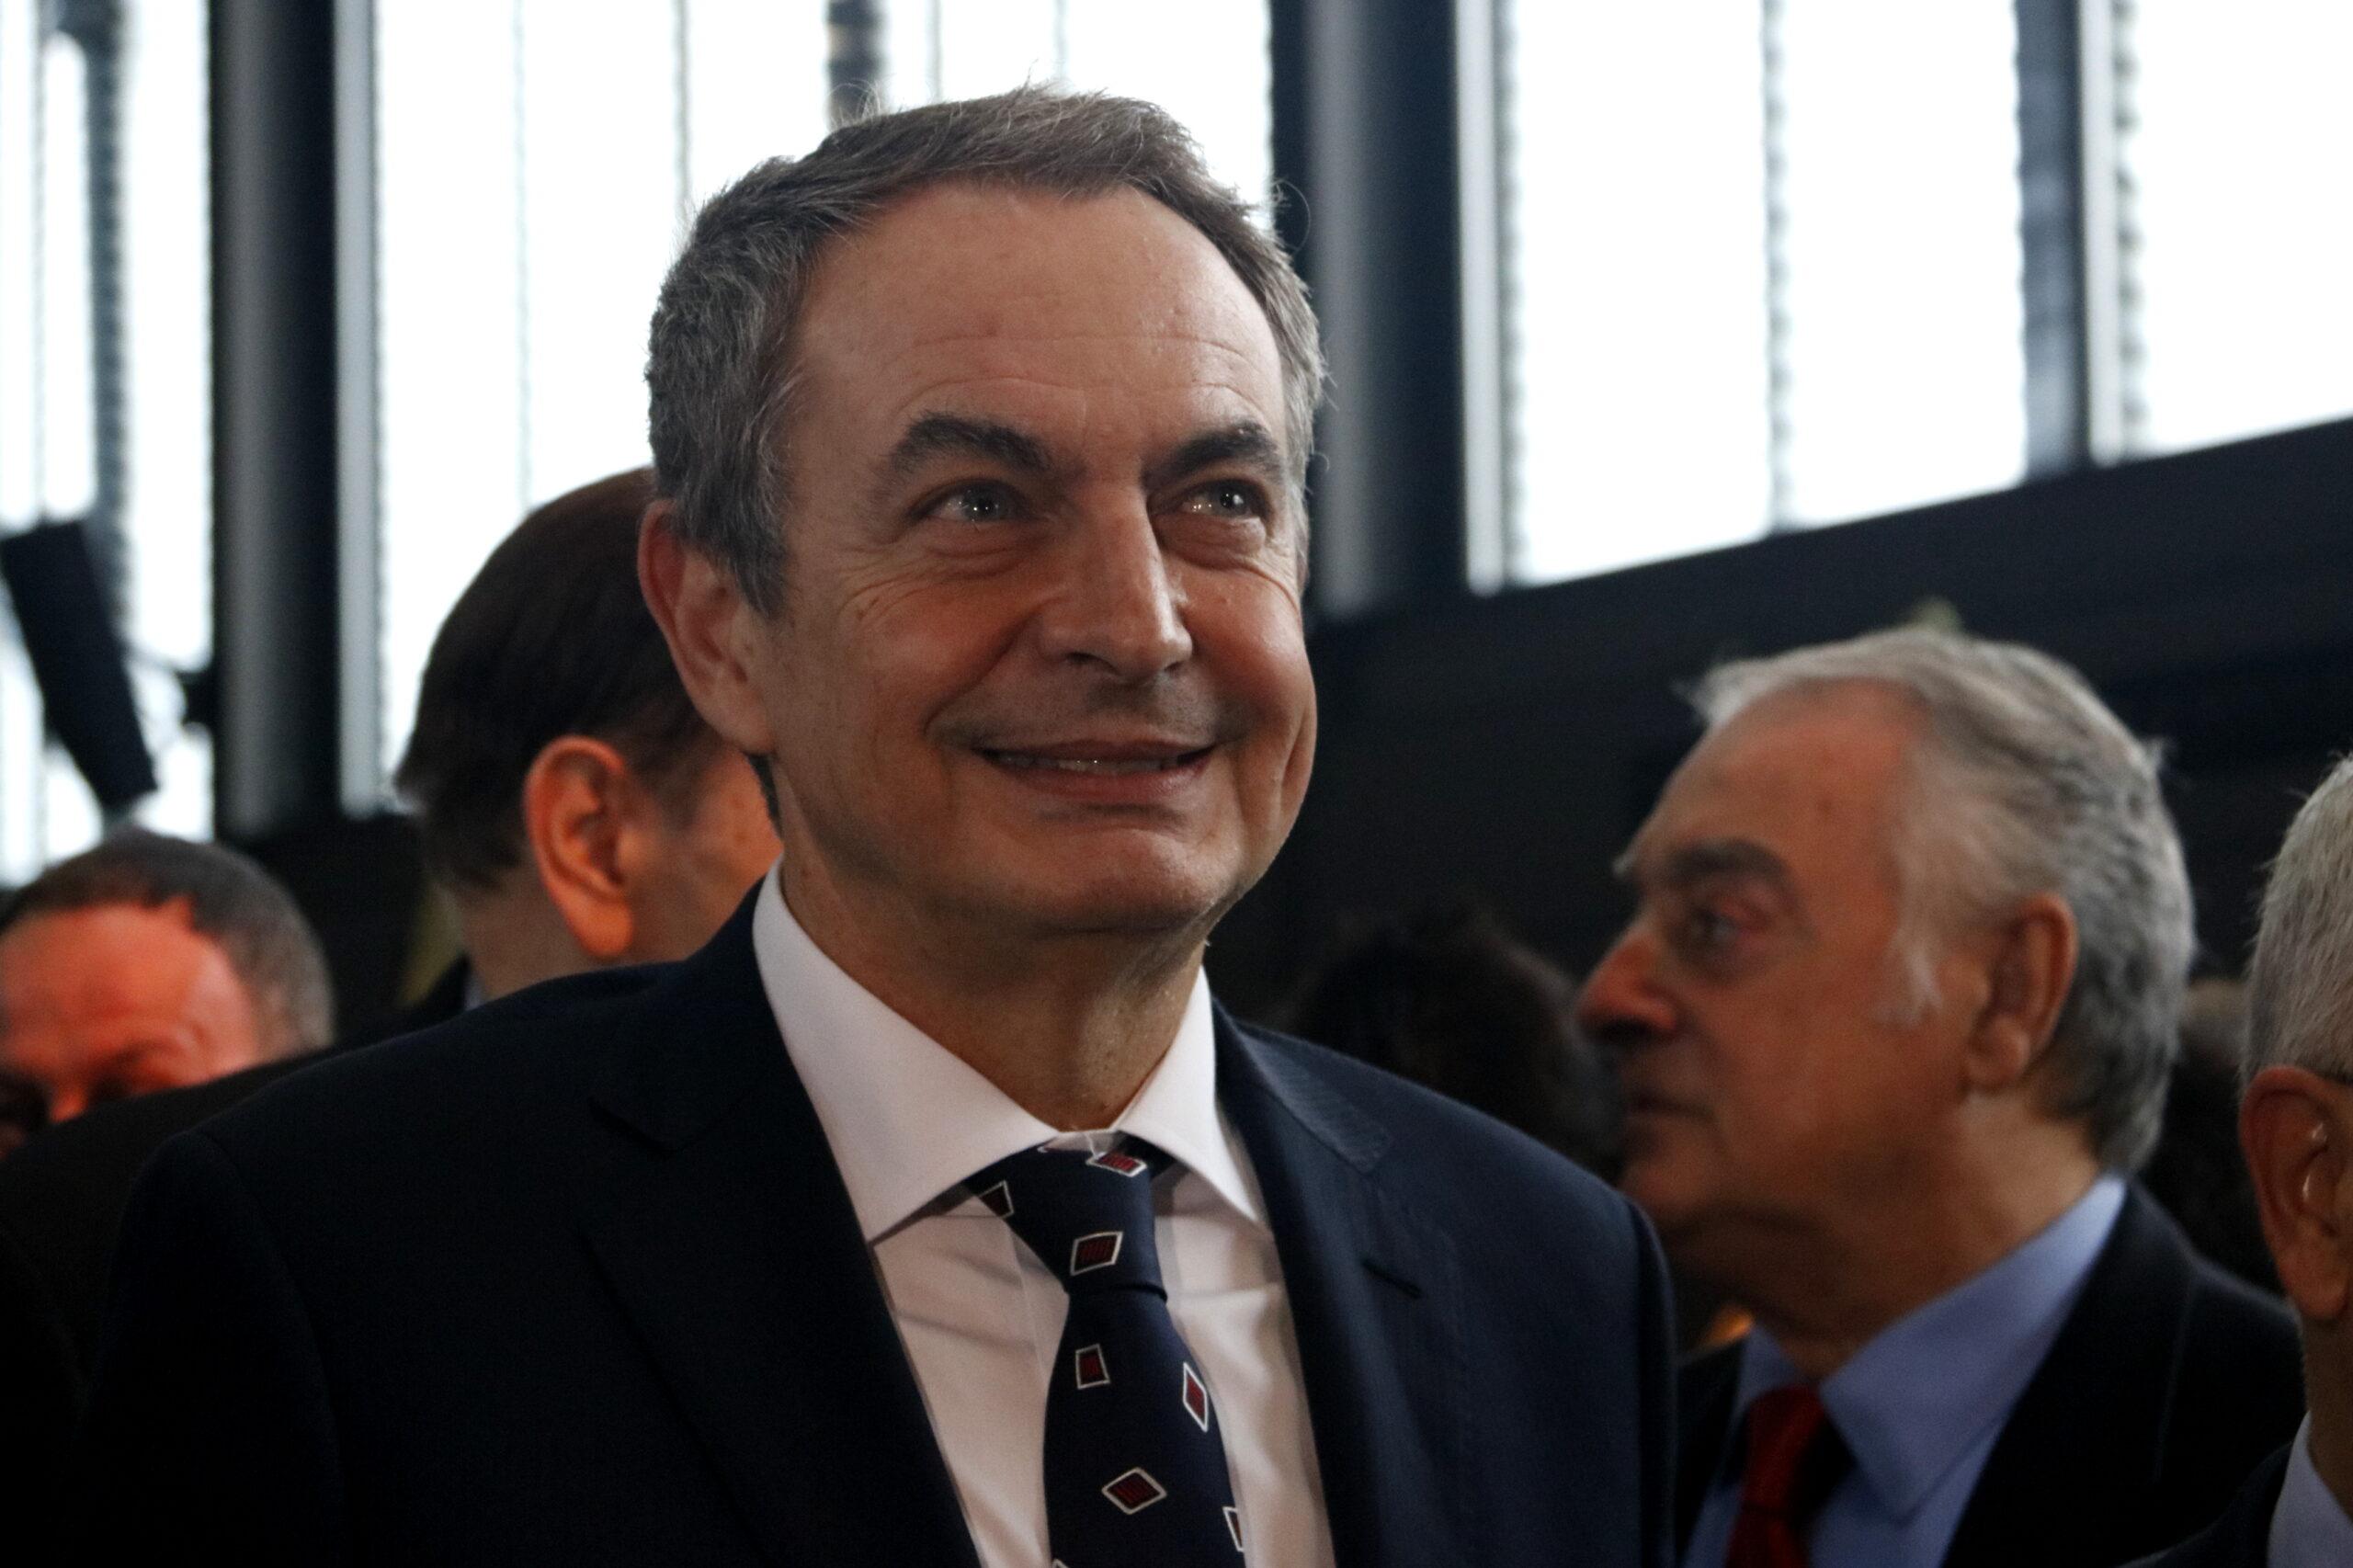 L'expresident del govern espanyol José Luis Rodríguez Zapatero | ACN